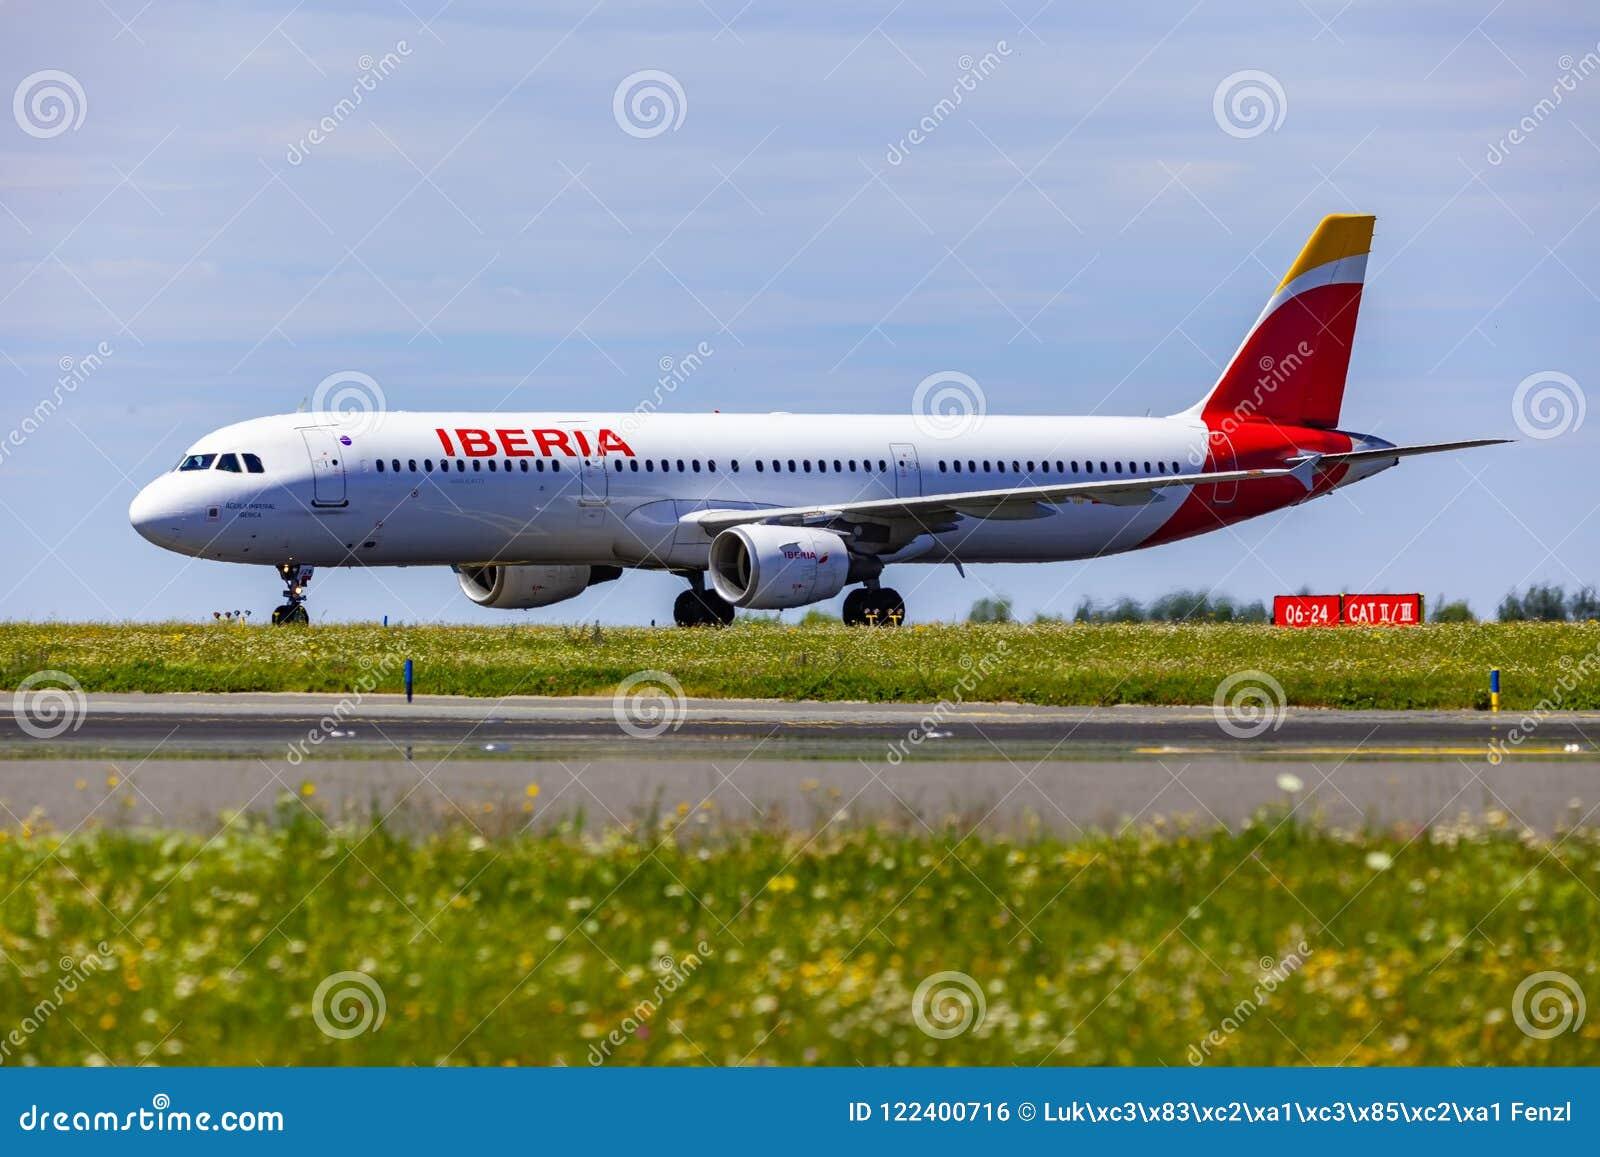 着陆和到来在瓦茨拉夫Havel机场,布拉格,古西班牙空气